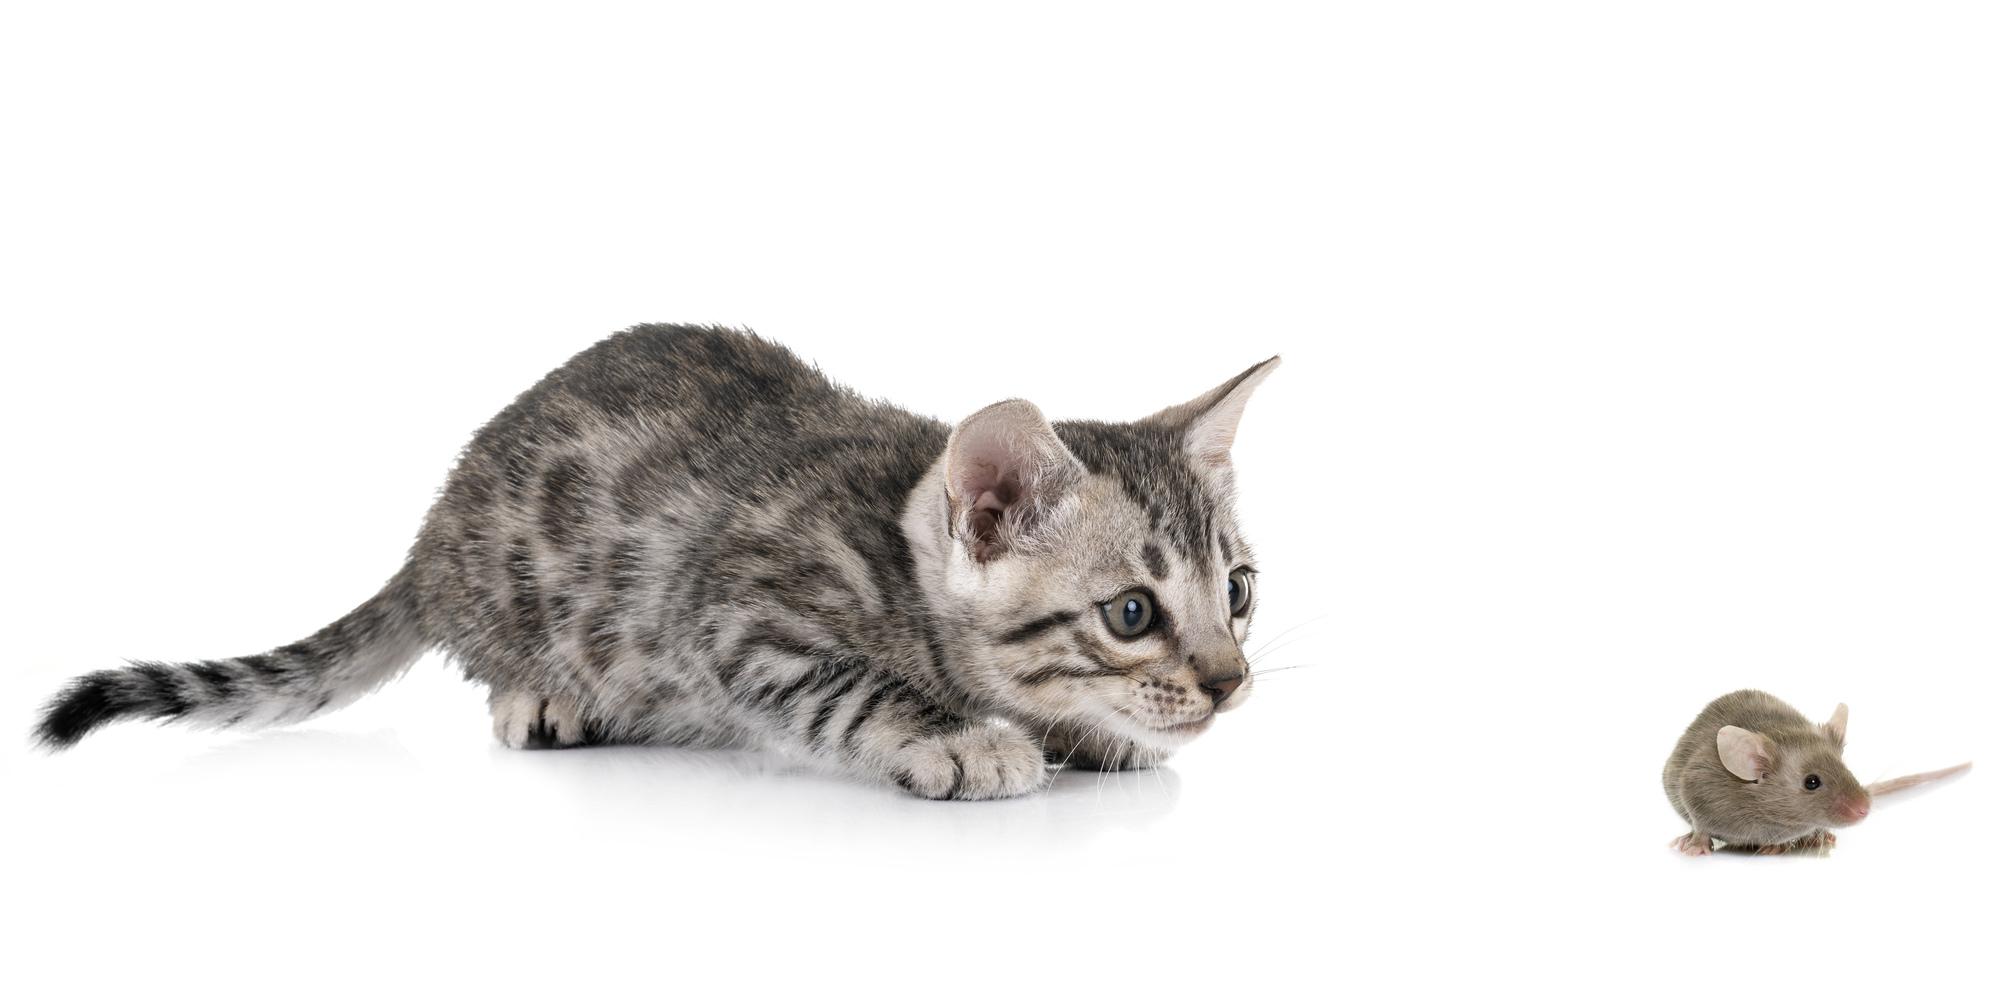 猫が愛されるのは、ねずみのおかげ? 『ざんねんないきもの事典』の著者が解説